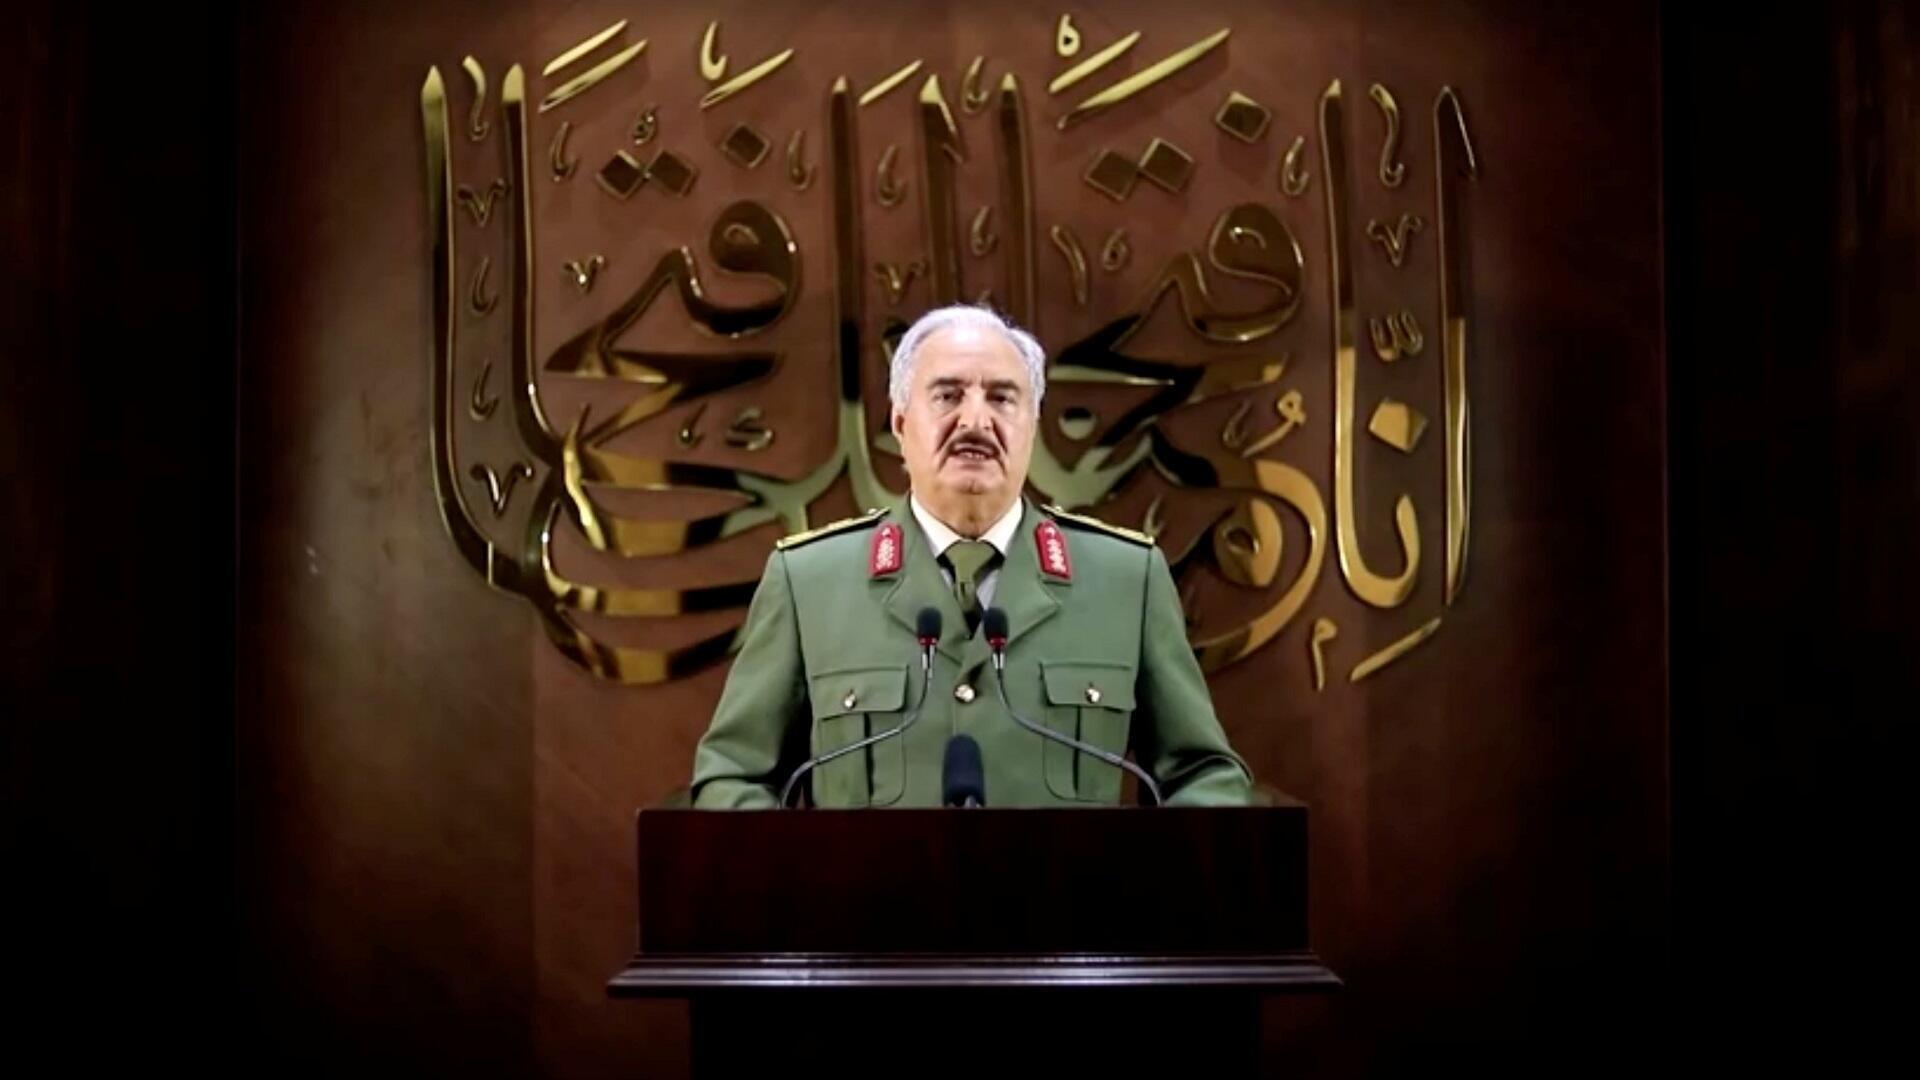 """المشير خليفة حفتر يعلن حصوله على """"تفويض شعبي"""" لقيادة البلاد، 27 أبريل/نيسان 2020."""